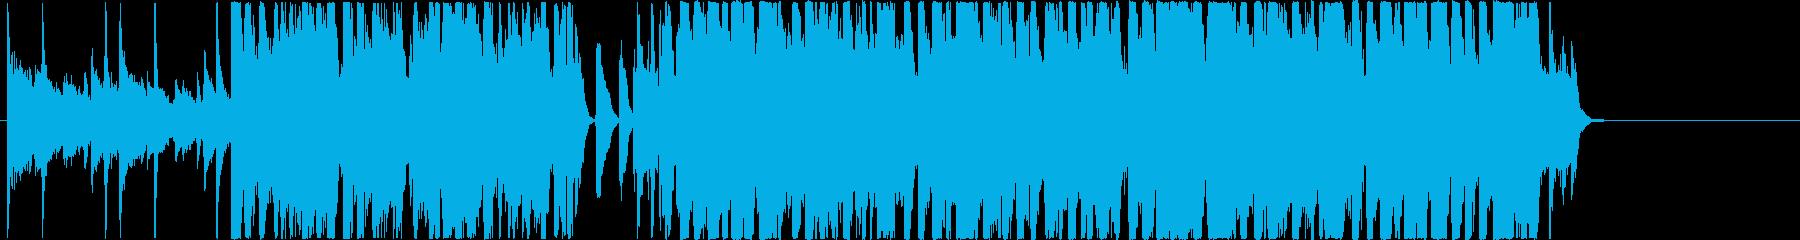 ジングルベルのジャズアレンジBGMの再生済みの波形